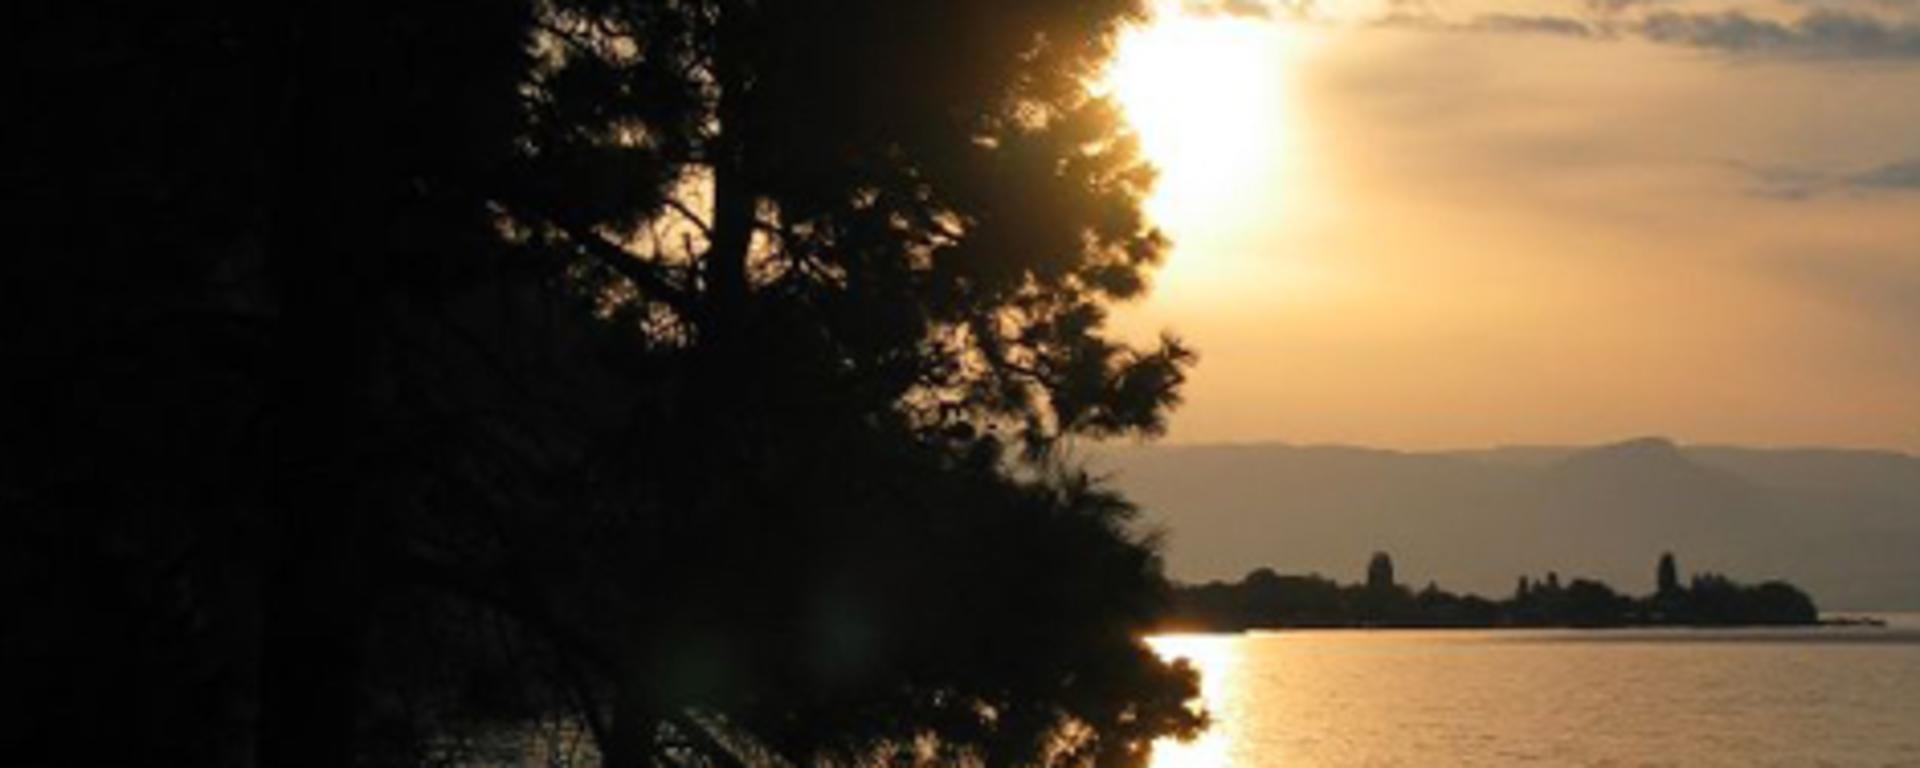 Seclusion-Bay-Resort.jpg